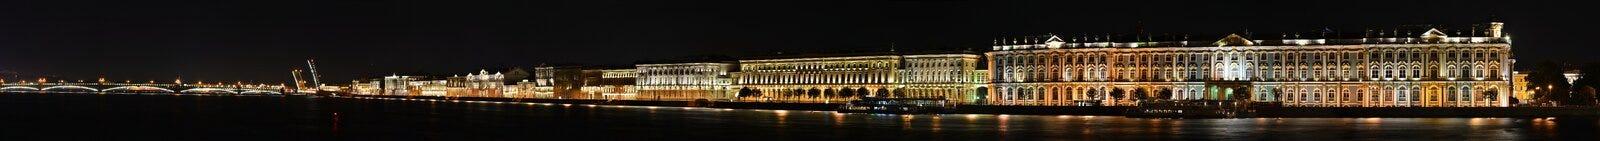 St Petersburg slottinvallning Royaltyfria Foton